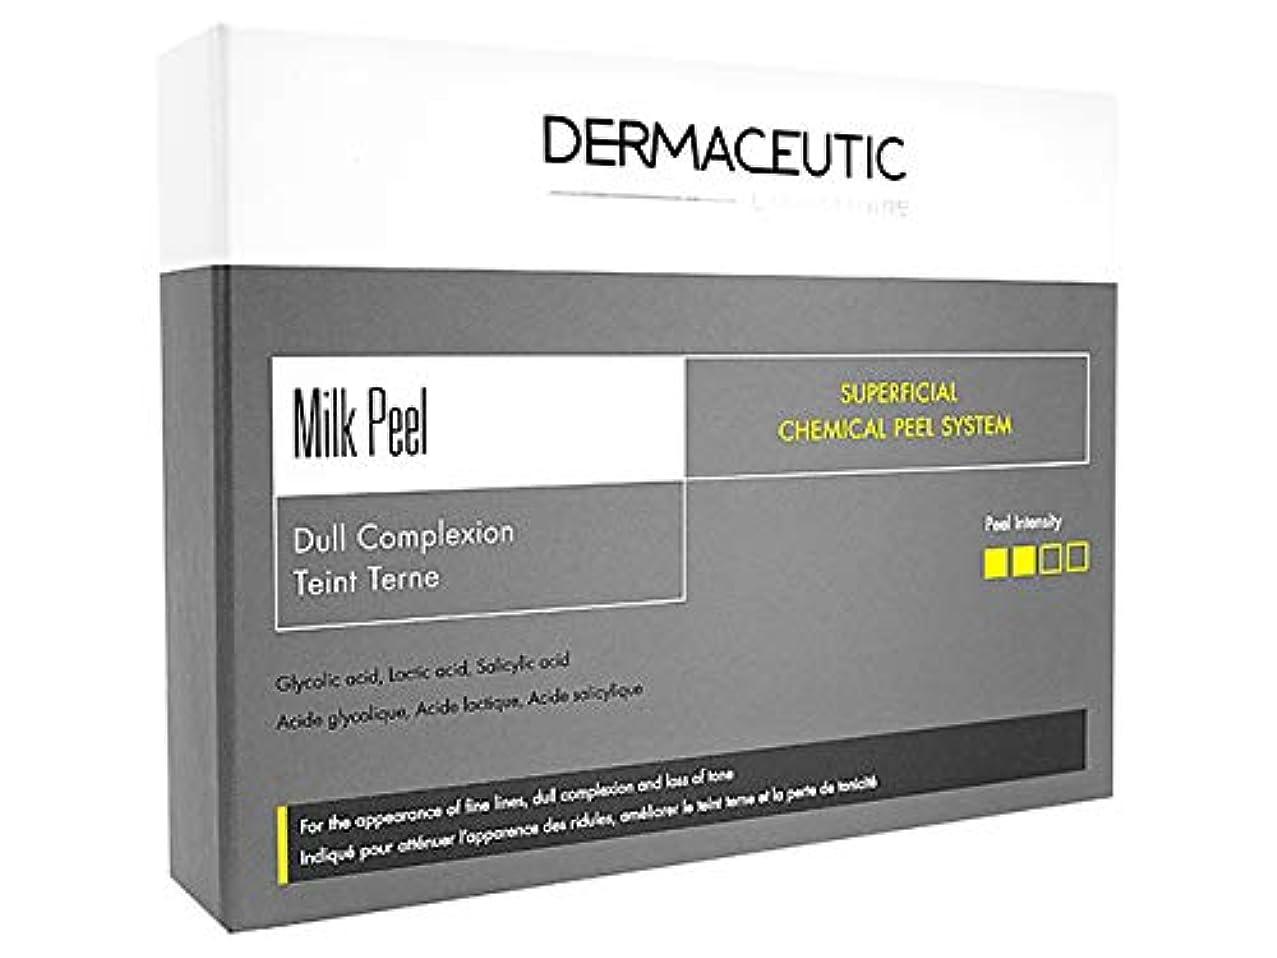 ビジュアル脱獄エンジニアリングダーマシューティック ミルクピールトリートメント[ヤマト便] (Dermaceutic) Milk Peel Treatment (海外発送)